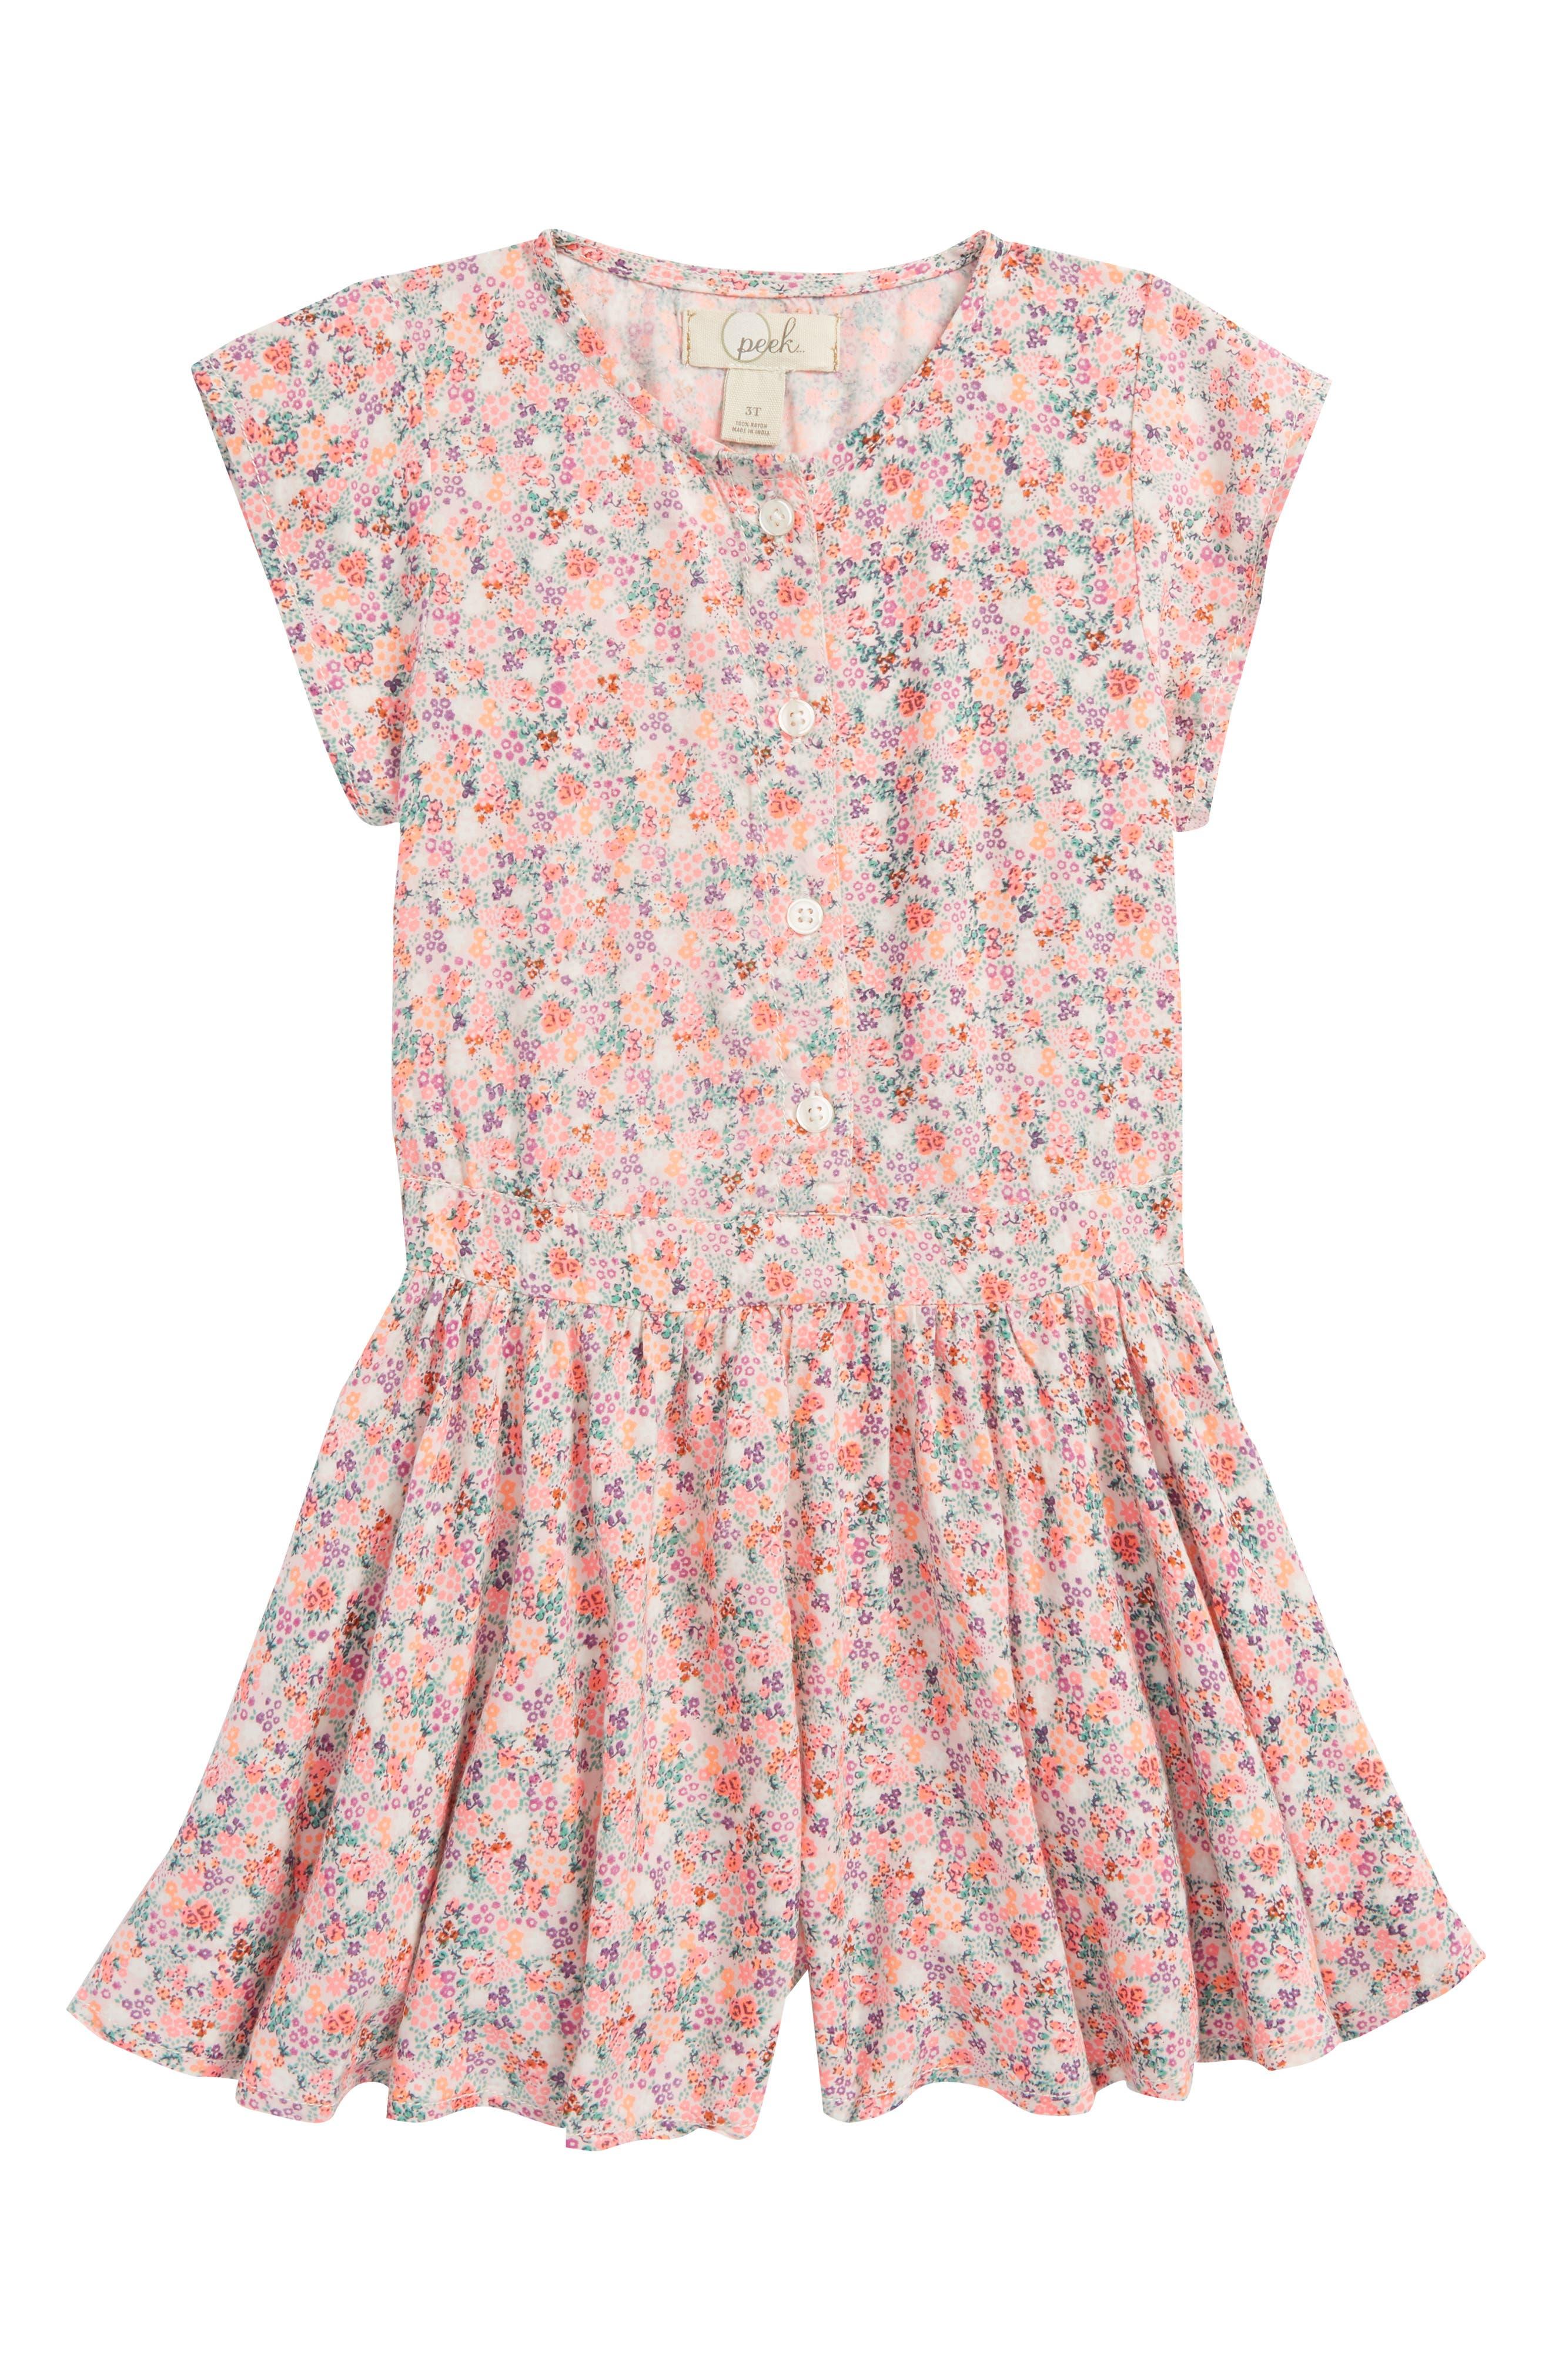 Peek Lenora Floral Romper (Toddler Girls, Little Girls & Big Girls)